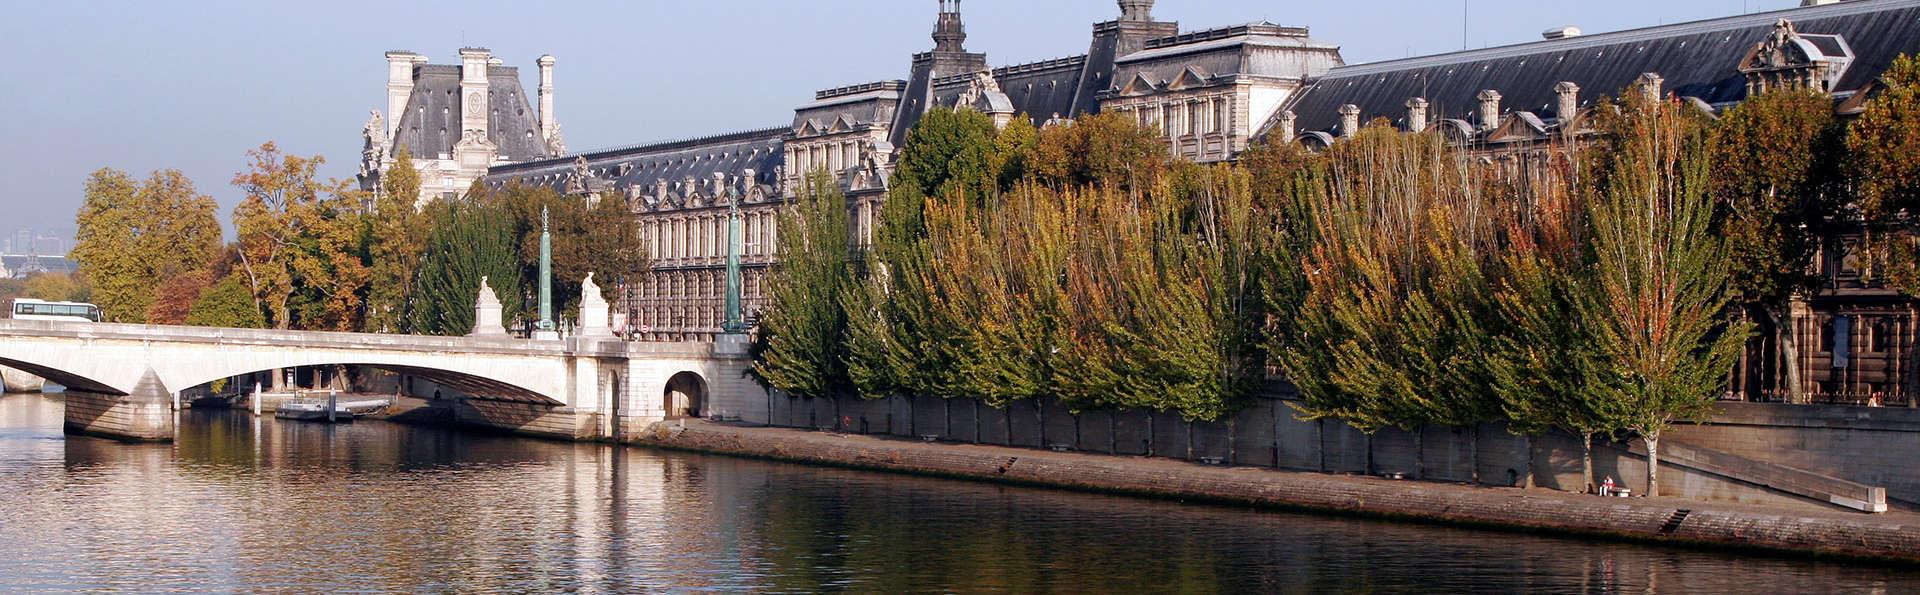 Week-end avec croisière sur la Seine